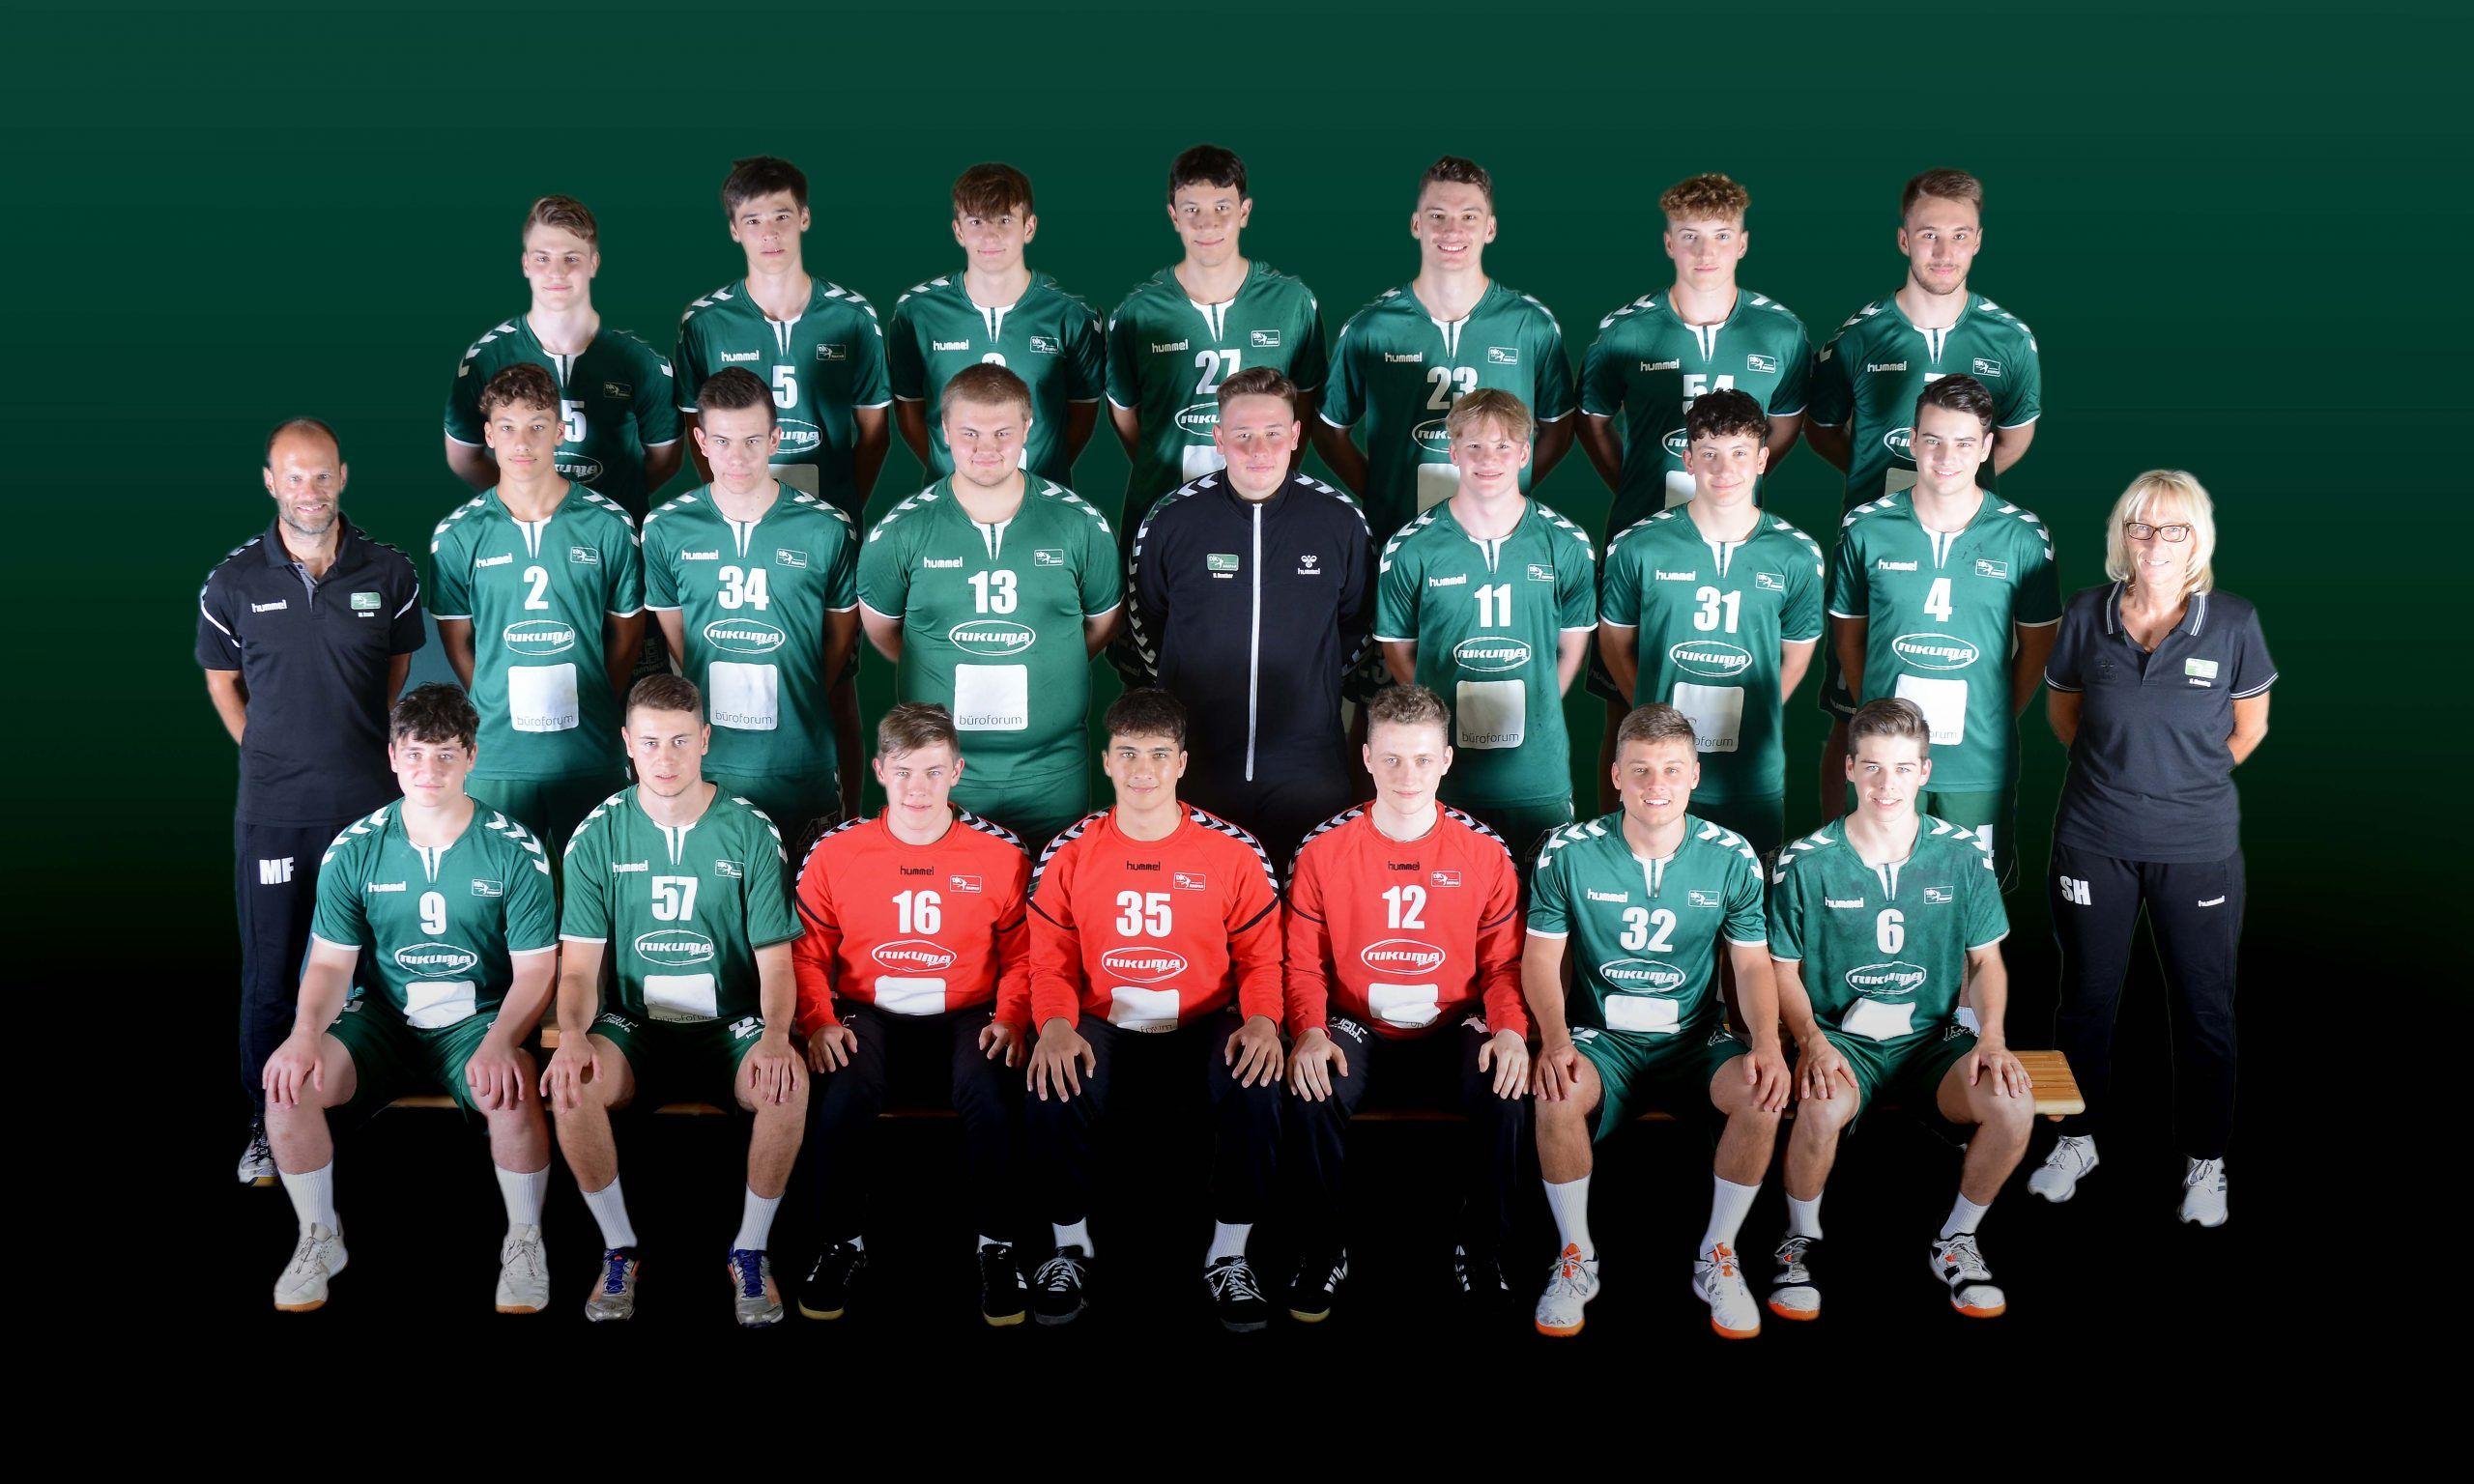 männliche A-Jugend Bayernliga